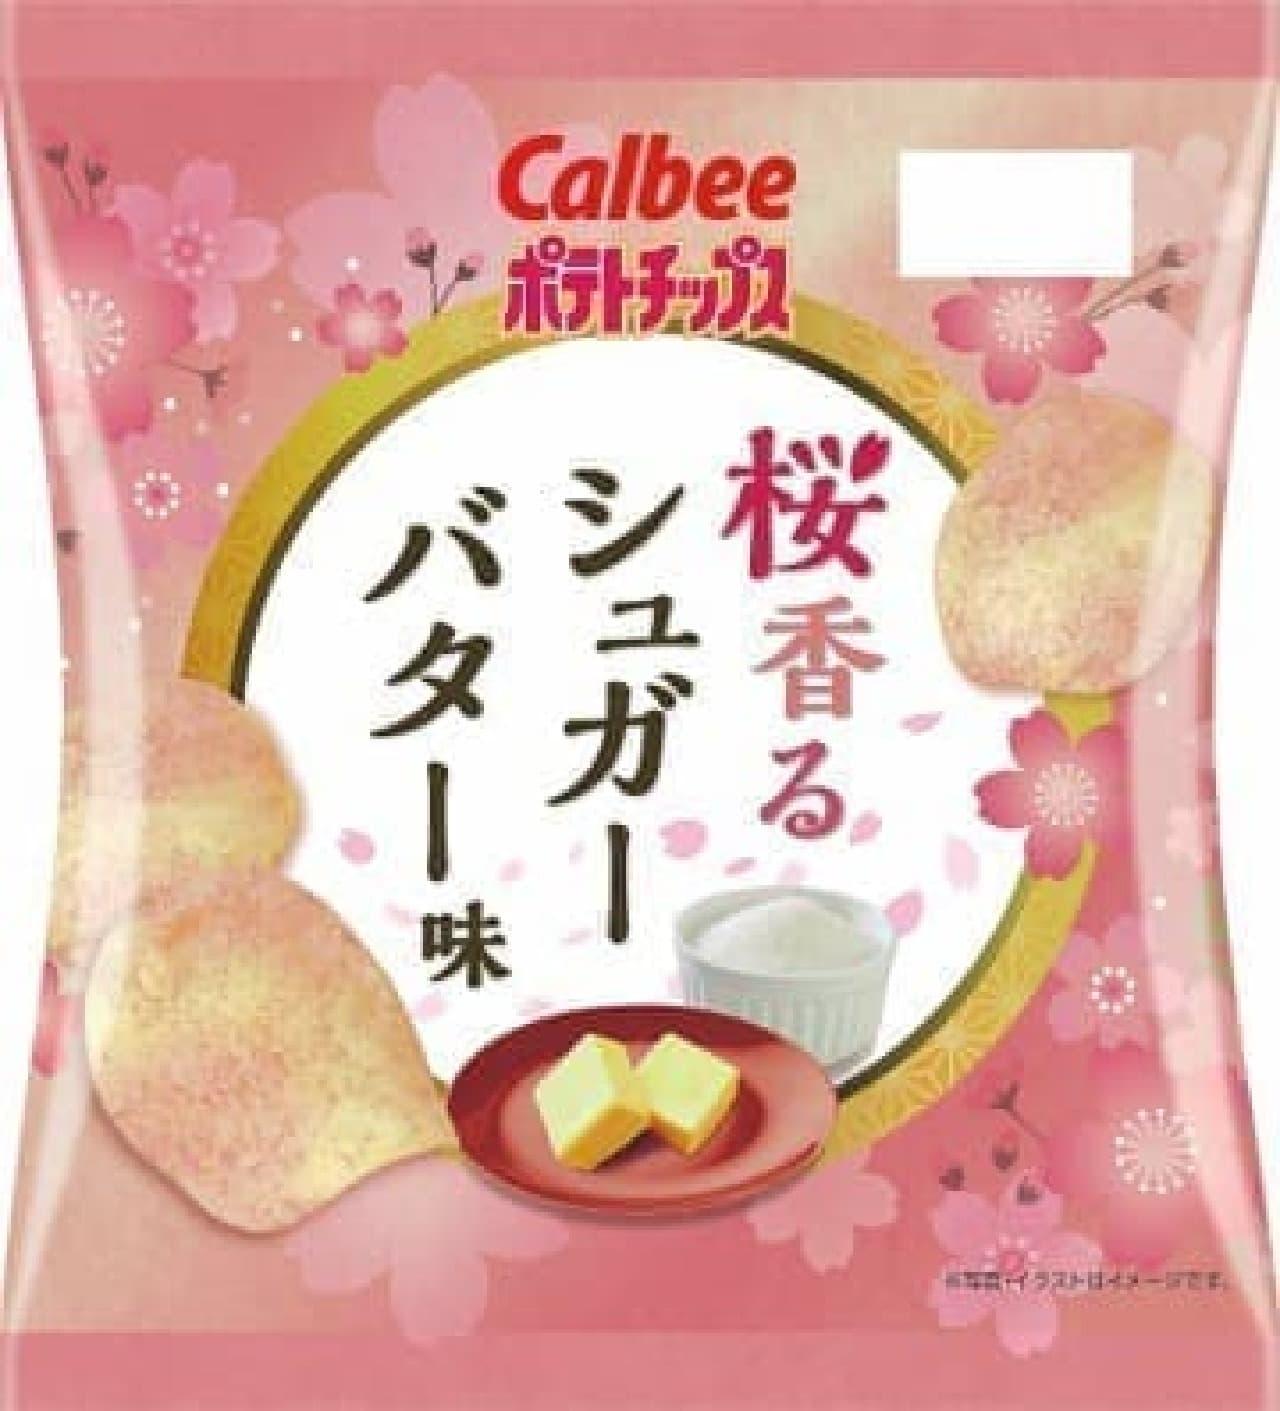 イトーヨーカドー「カルビー ポテトチップス 桜香る シュガーバター味(50g)」